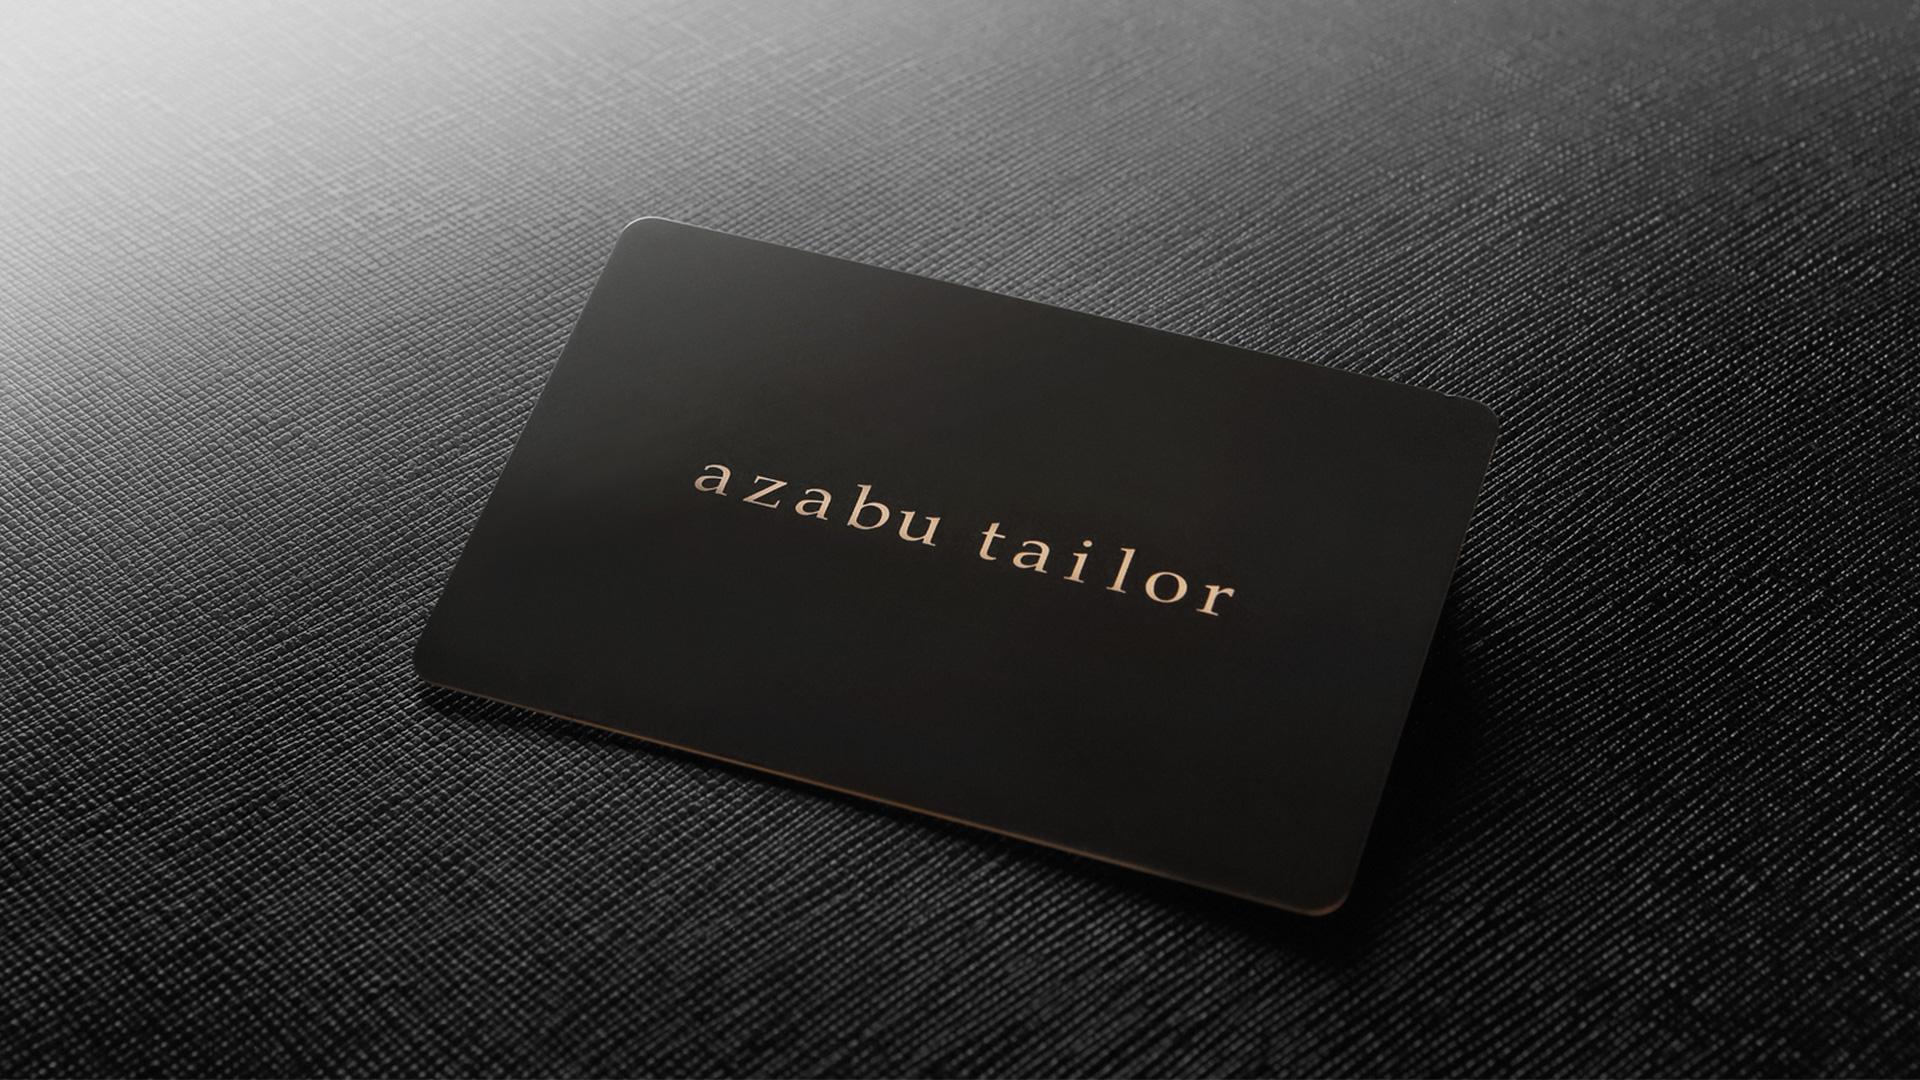 ソウエクスペリエンスで麻布テーラーのオーダースーツとシャツがプレゼントできる!体験ギフトカードの購入方法を紹介!